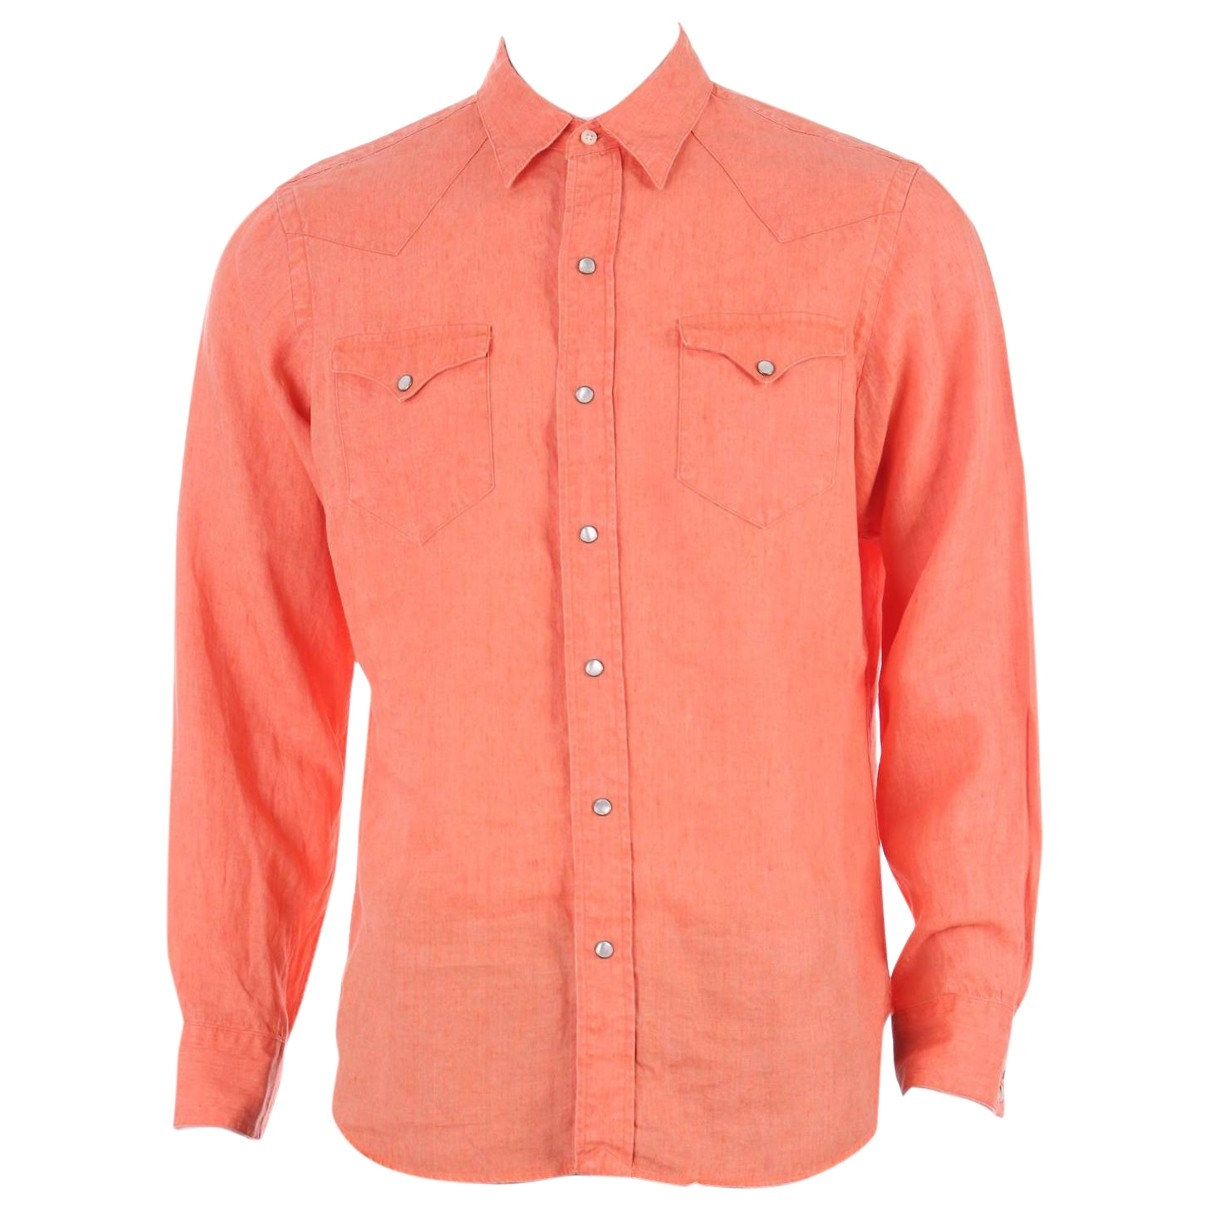 Polo Ralph Lauren - Chemises   pour homme en lin - orange